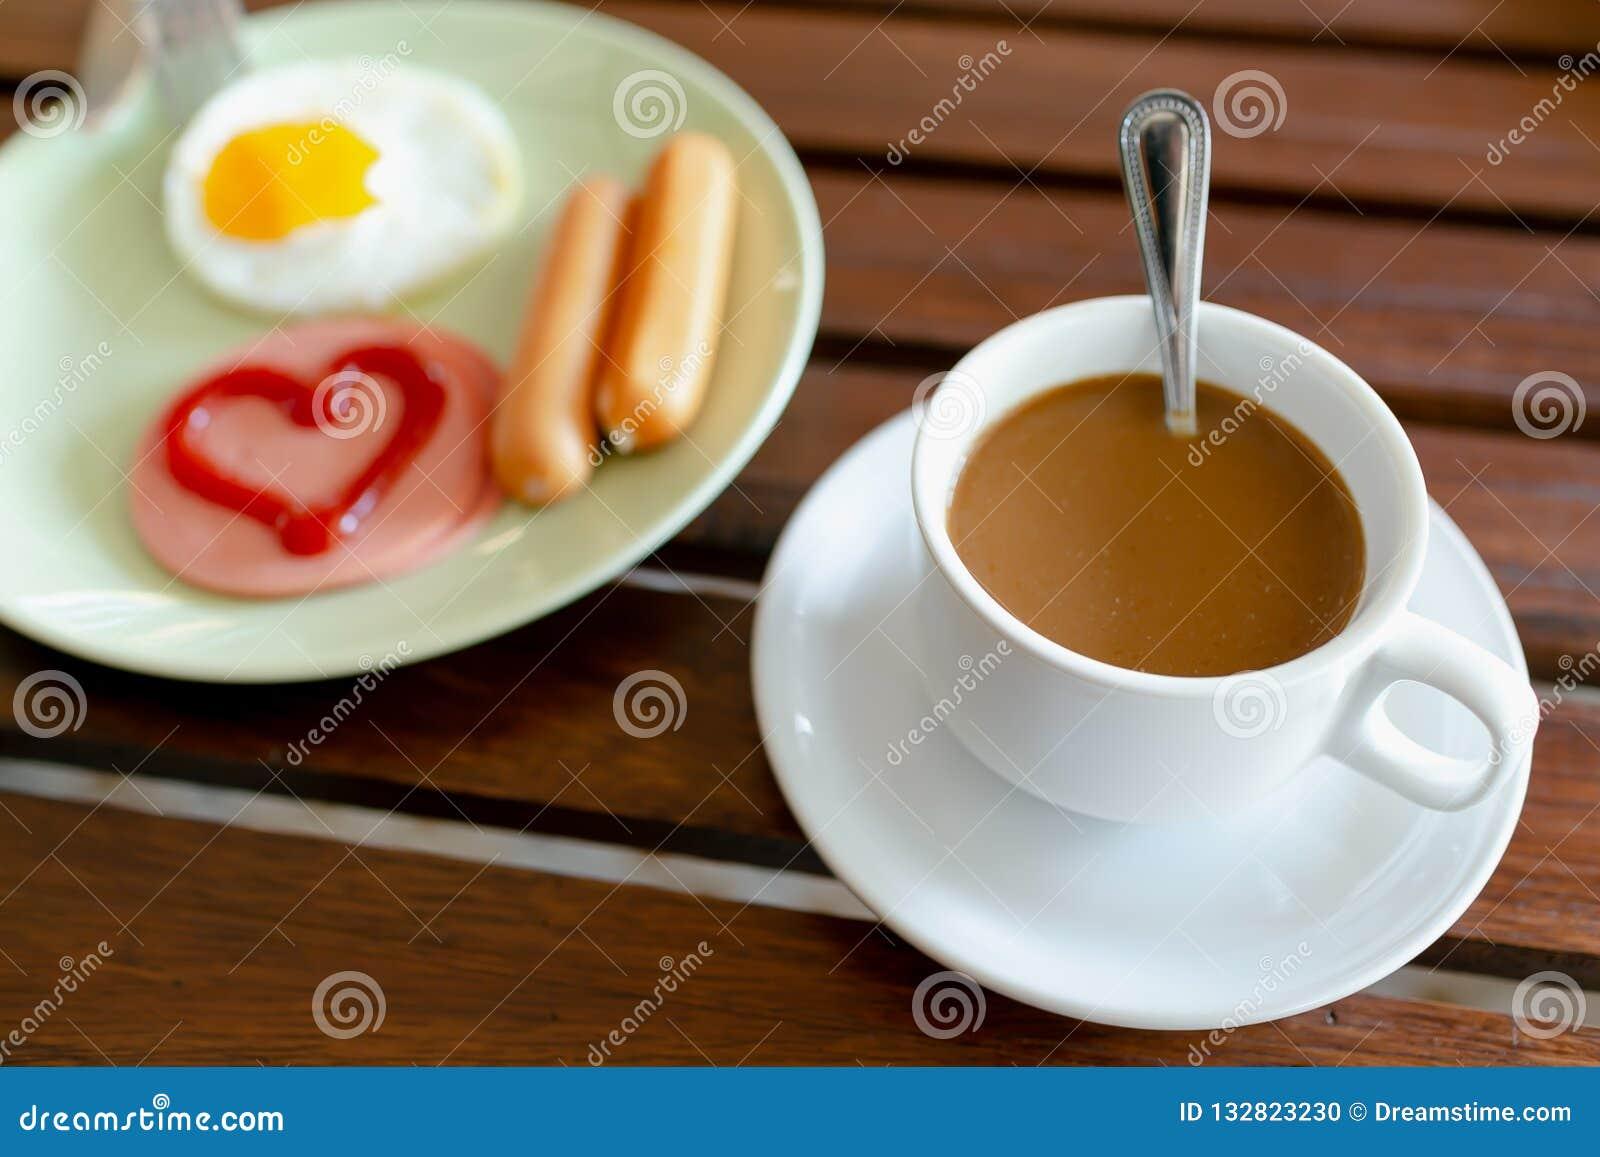 Prima colazione, uova, salsiccie, prosciutto e caffè nero